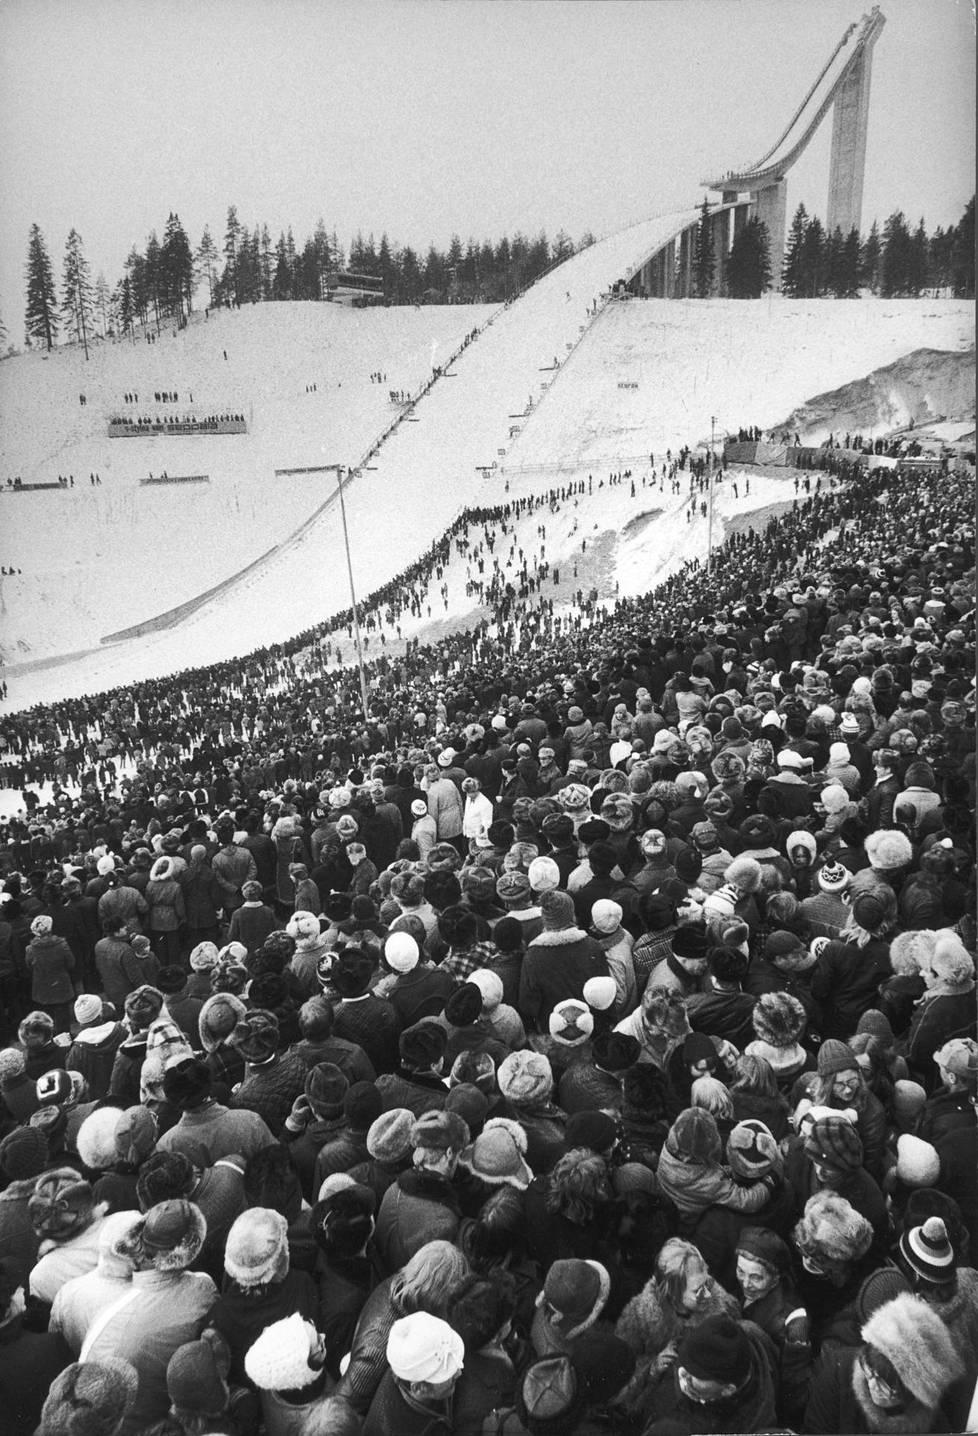 Suurmäki jökötti yksinäisenä vuoden 1973 Salpausselän kisoissa.